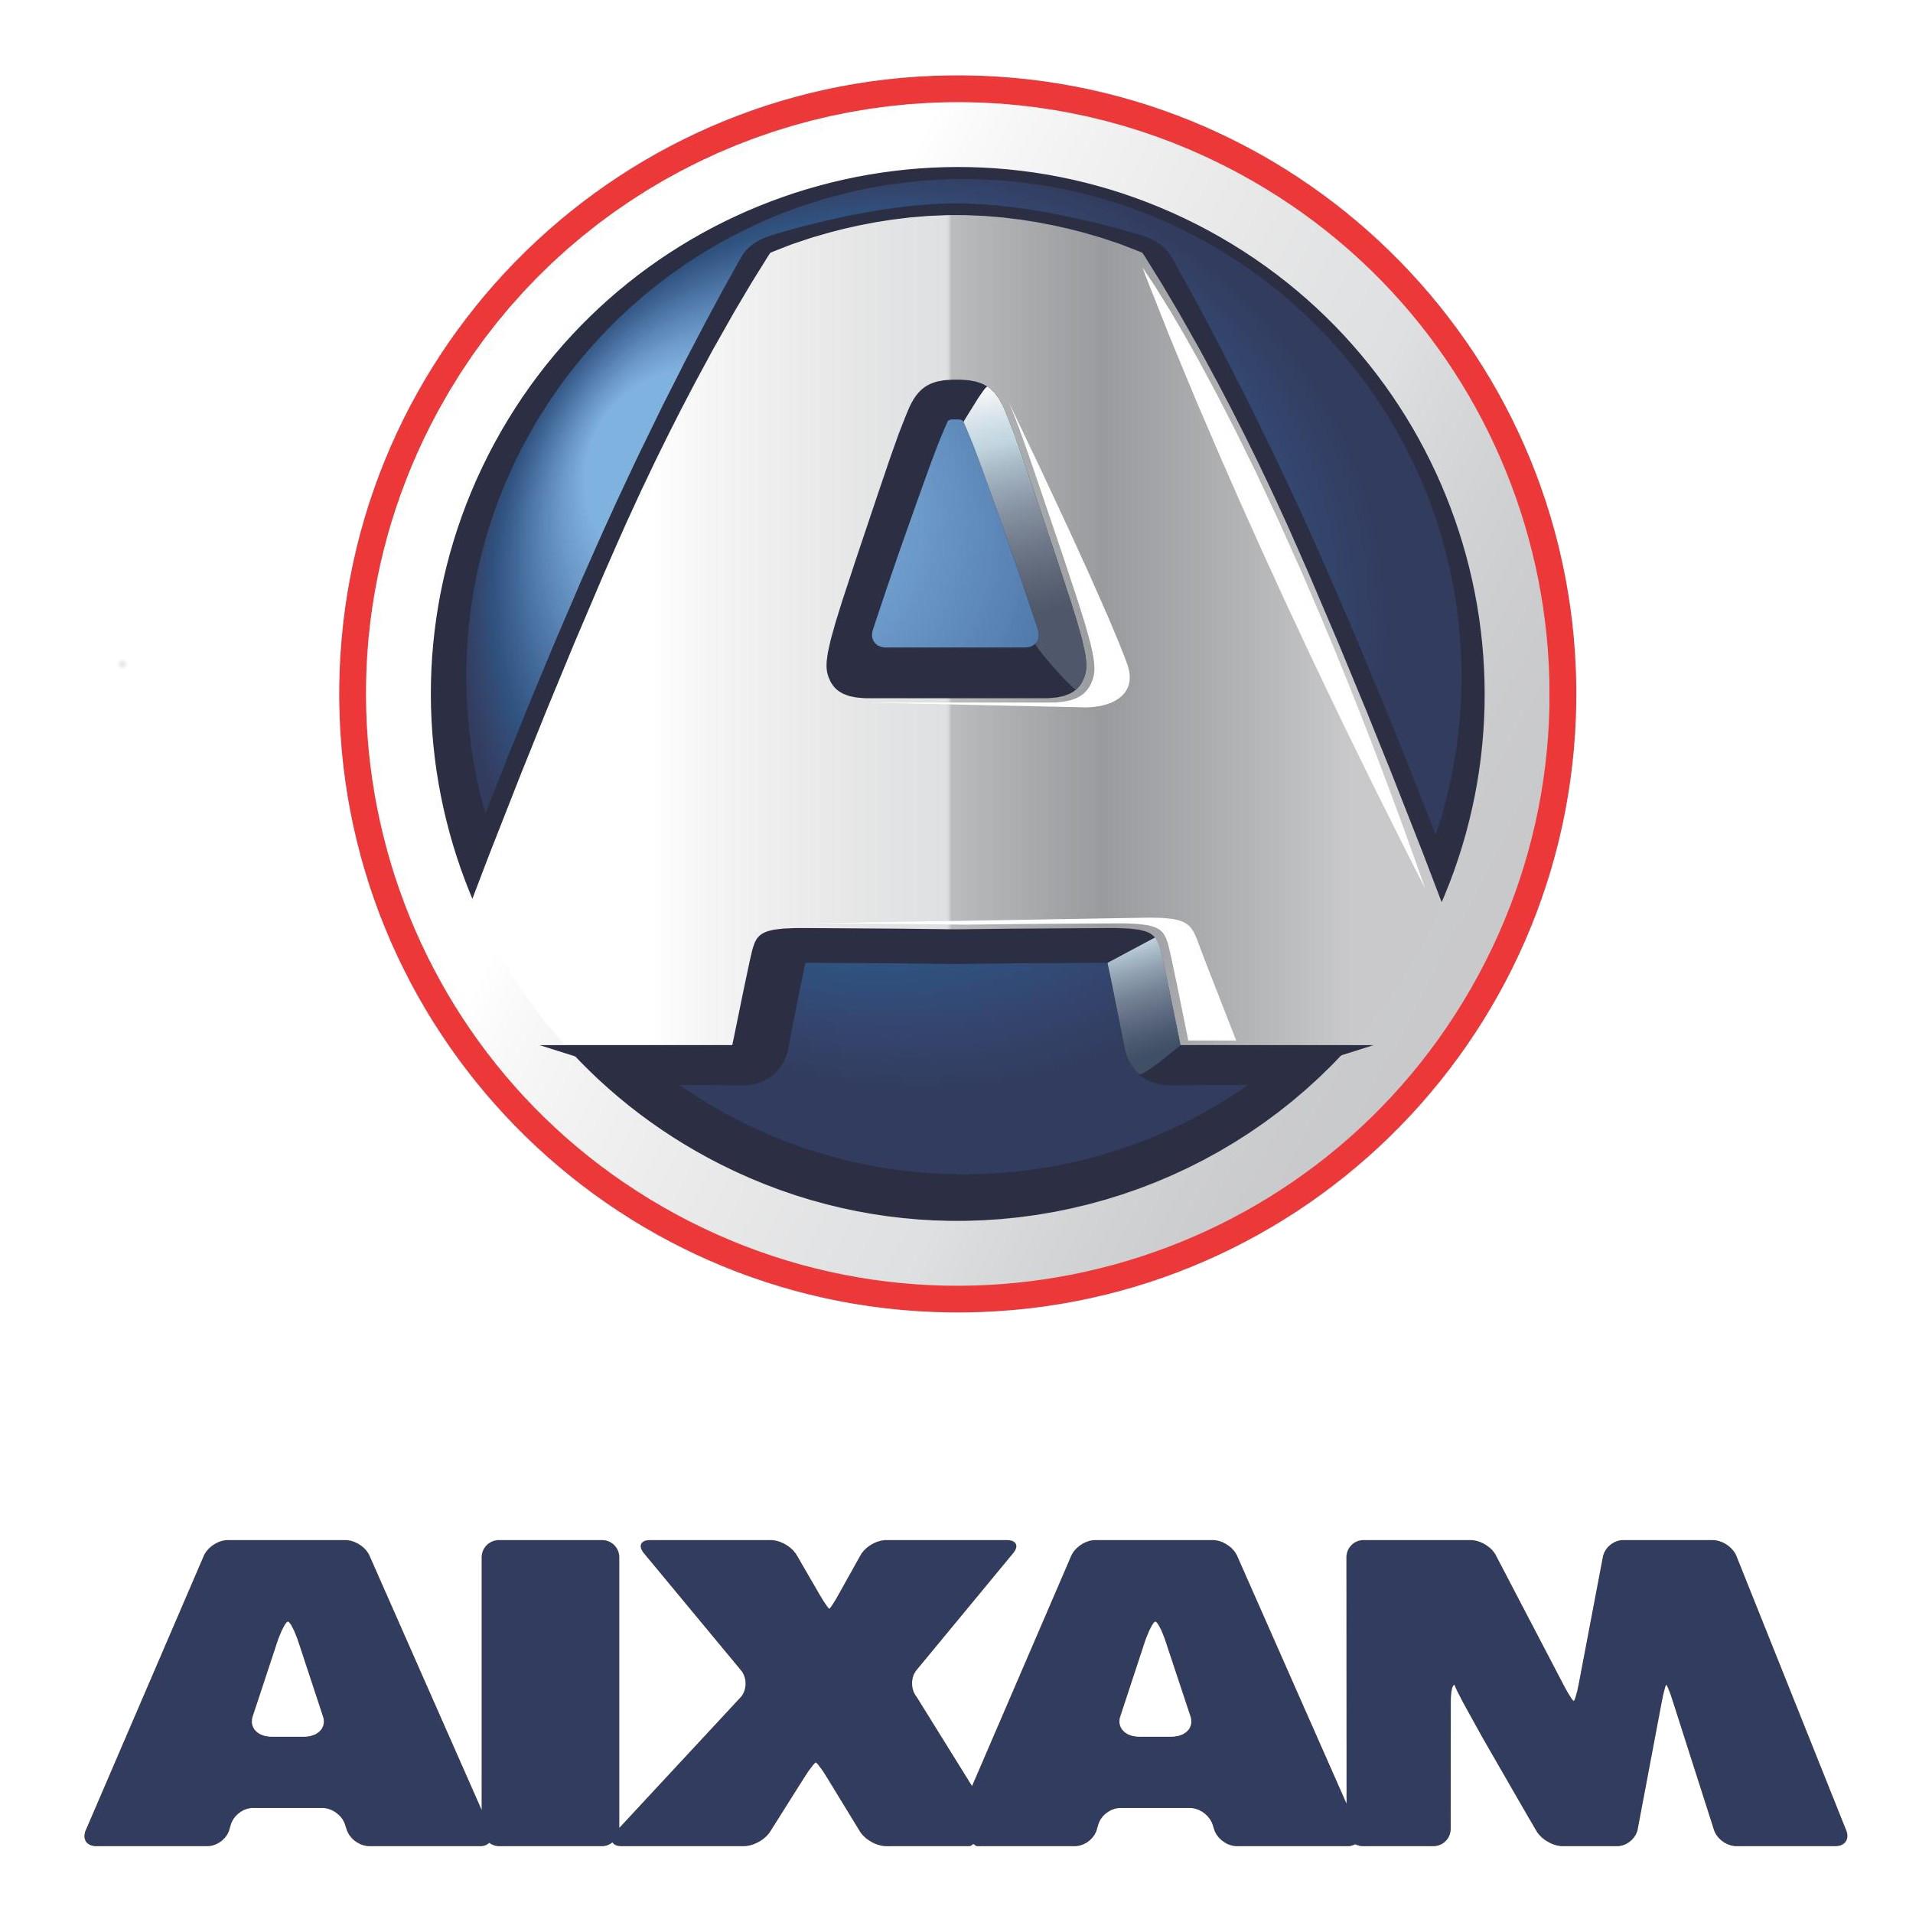 AIXAM - ha scelto Telematico Accise per la gestione telematica delle accise doganali